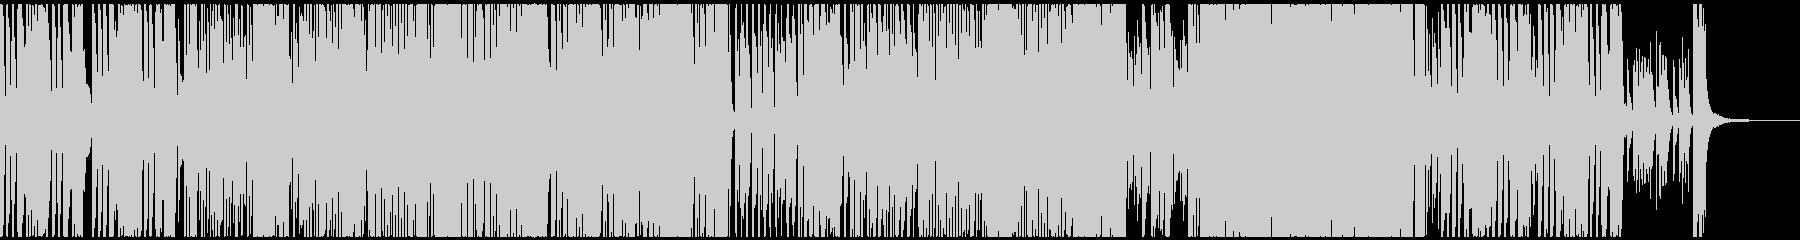 慌ただしくコミカルなイメージのBGMの未再生の波形